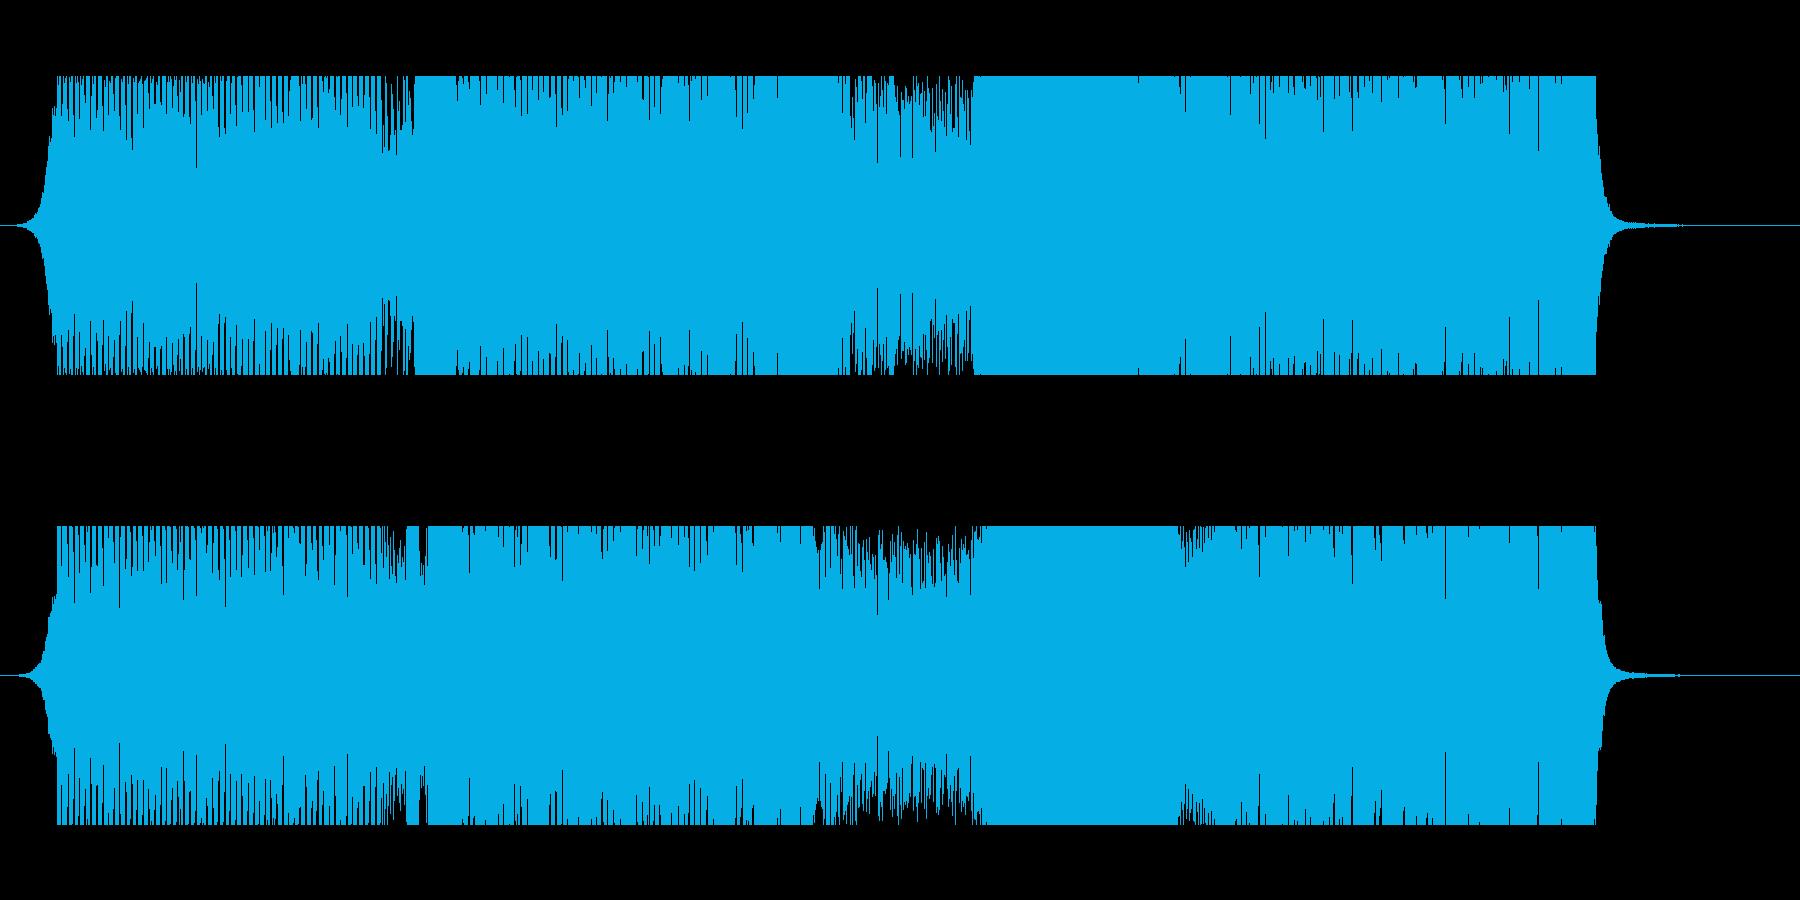 イベント会場などで流す映像用のEDM楽曲の再生済みの波形